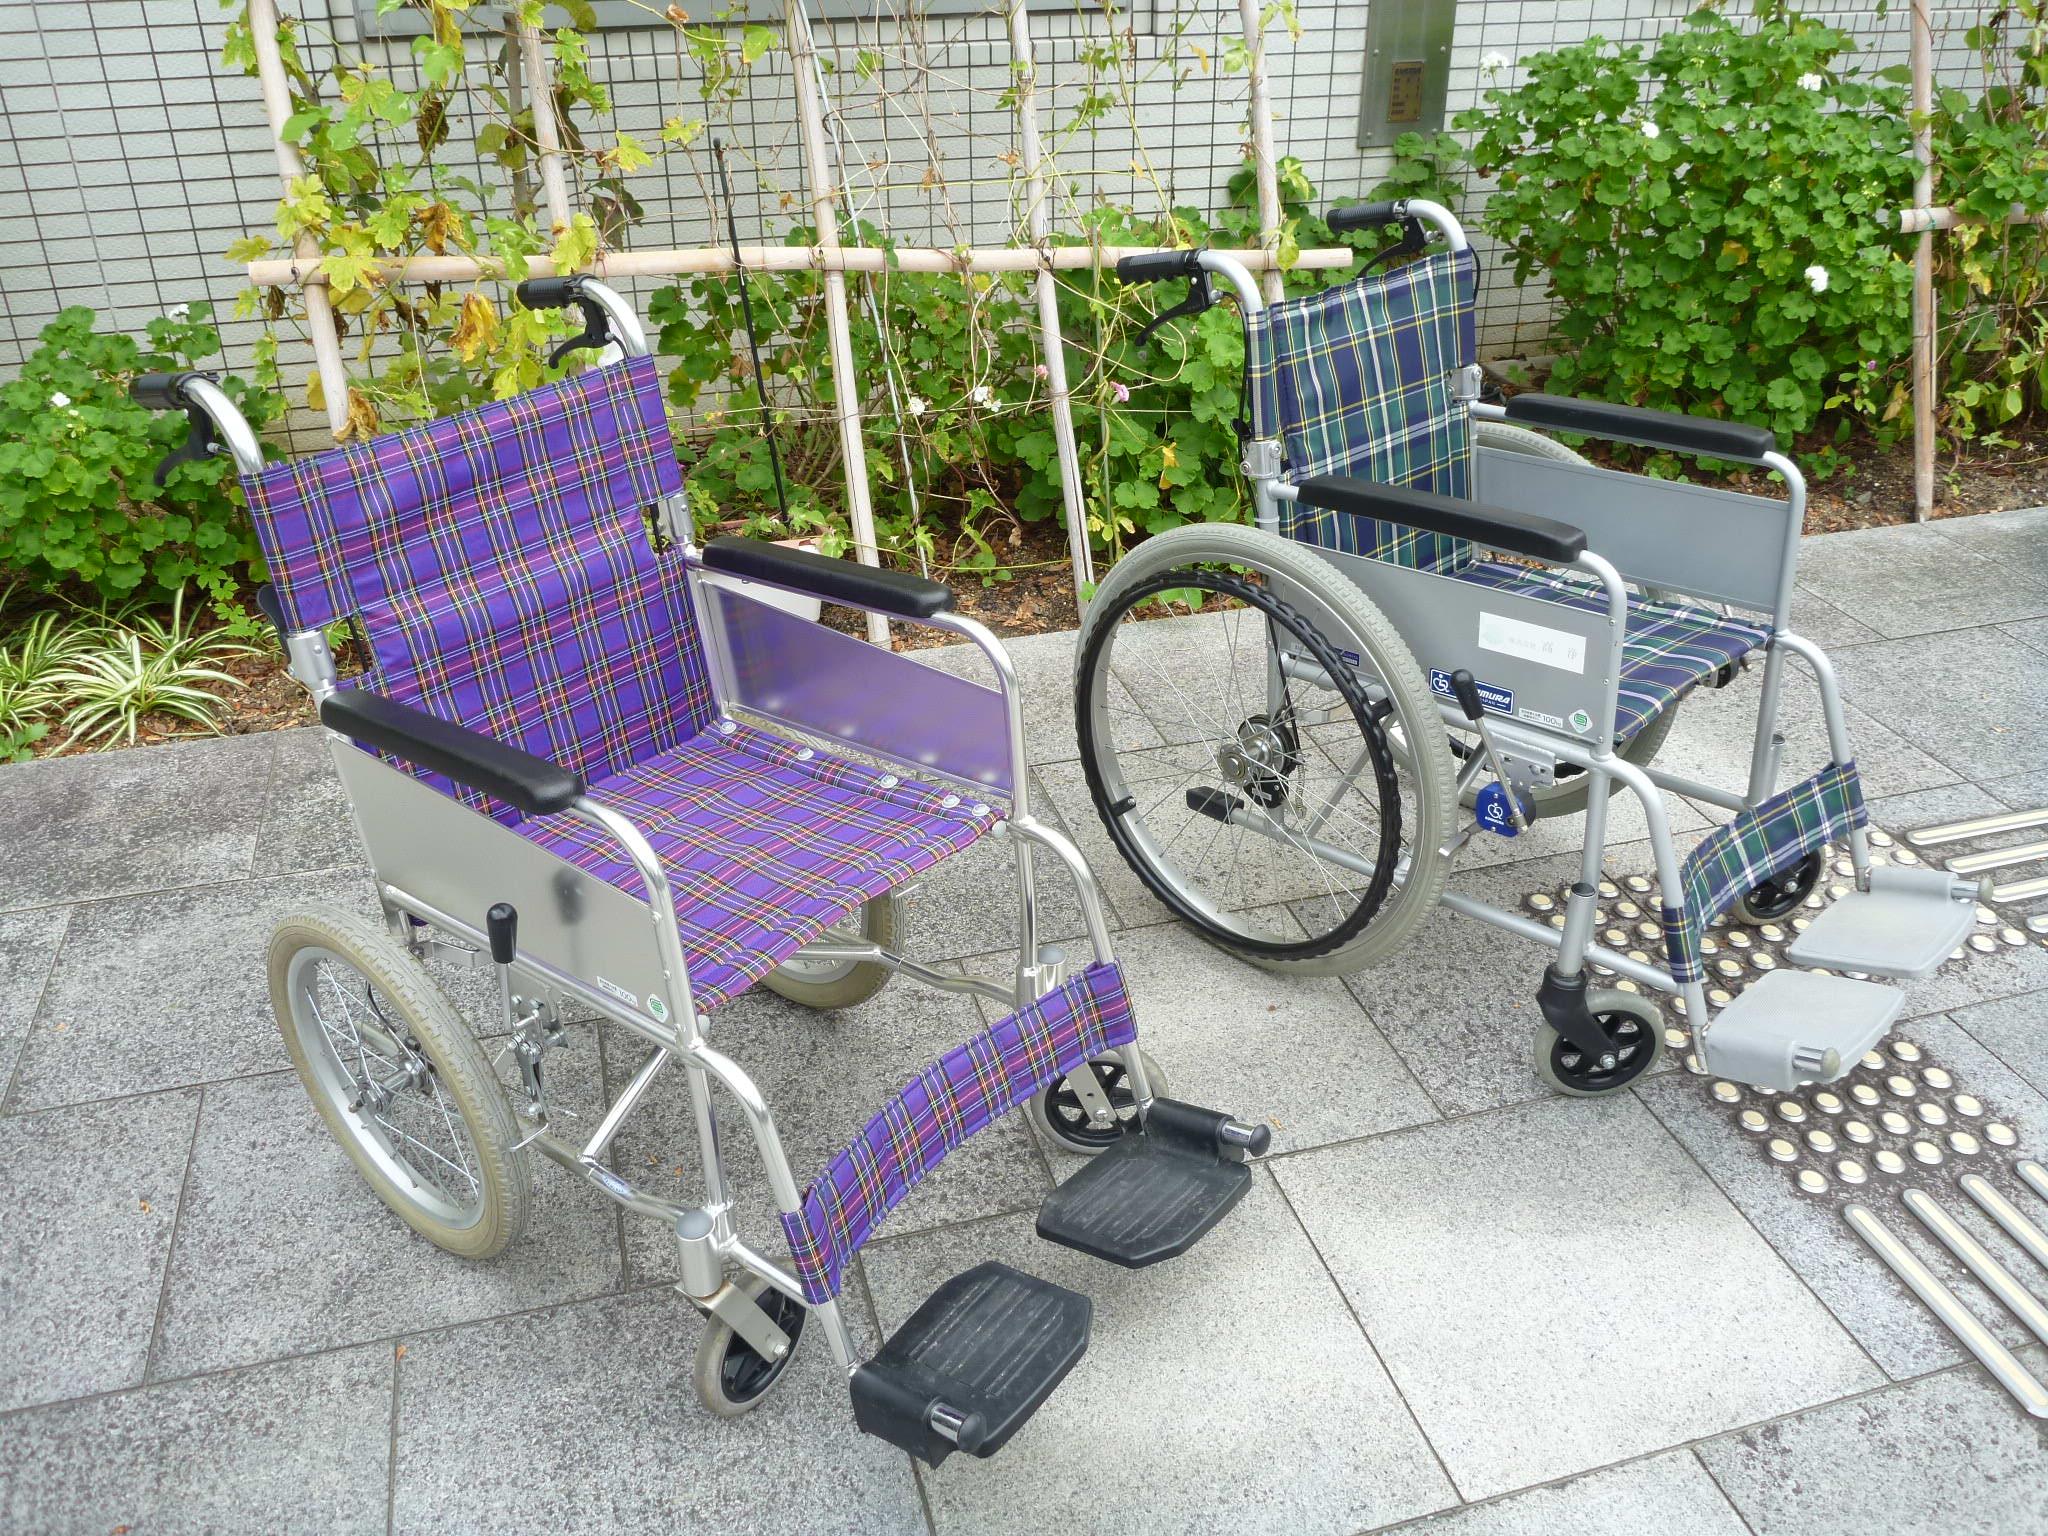 福祉車両と福祉機器(車椅子・階段昇降機)の貸し出し | 島本町社会福祉協議会 福祉車両と福祉機器